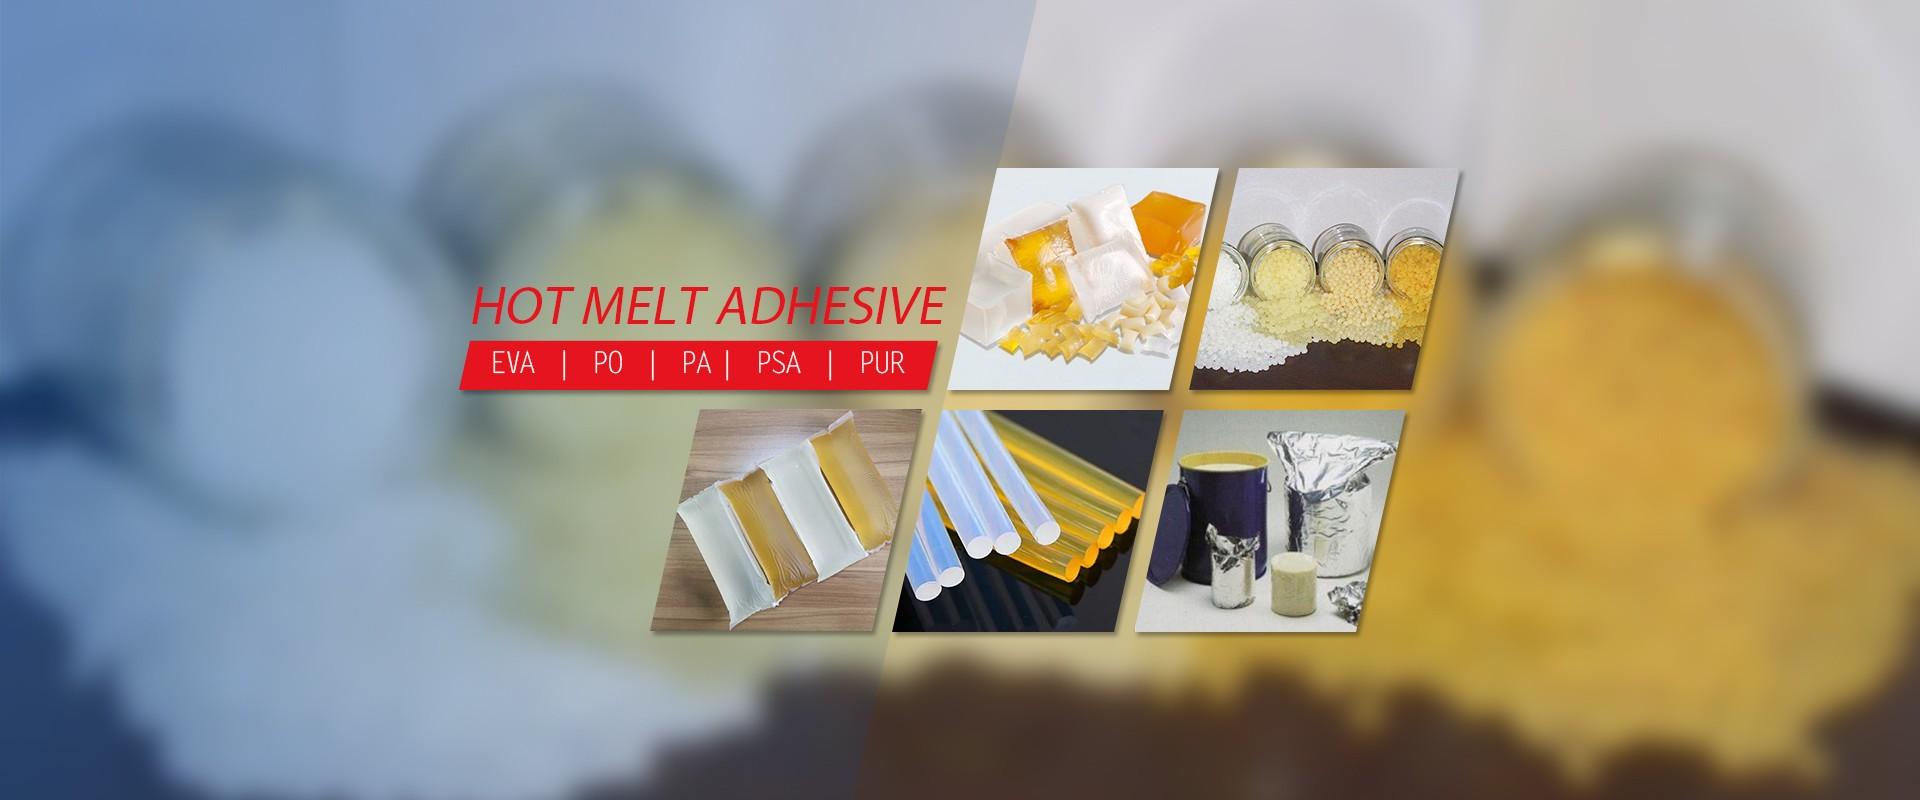 Adhésifs thermofusibles polyuréthane réactifs / PUR